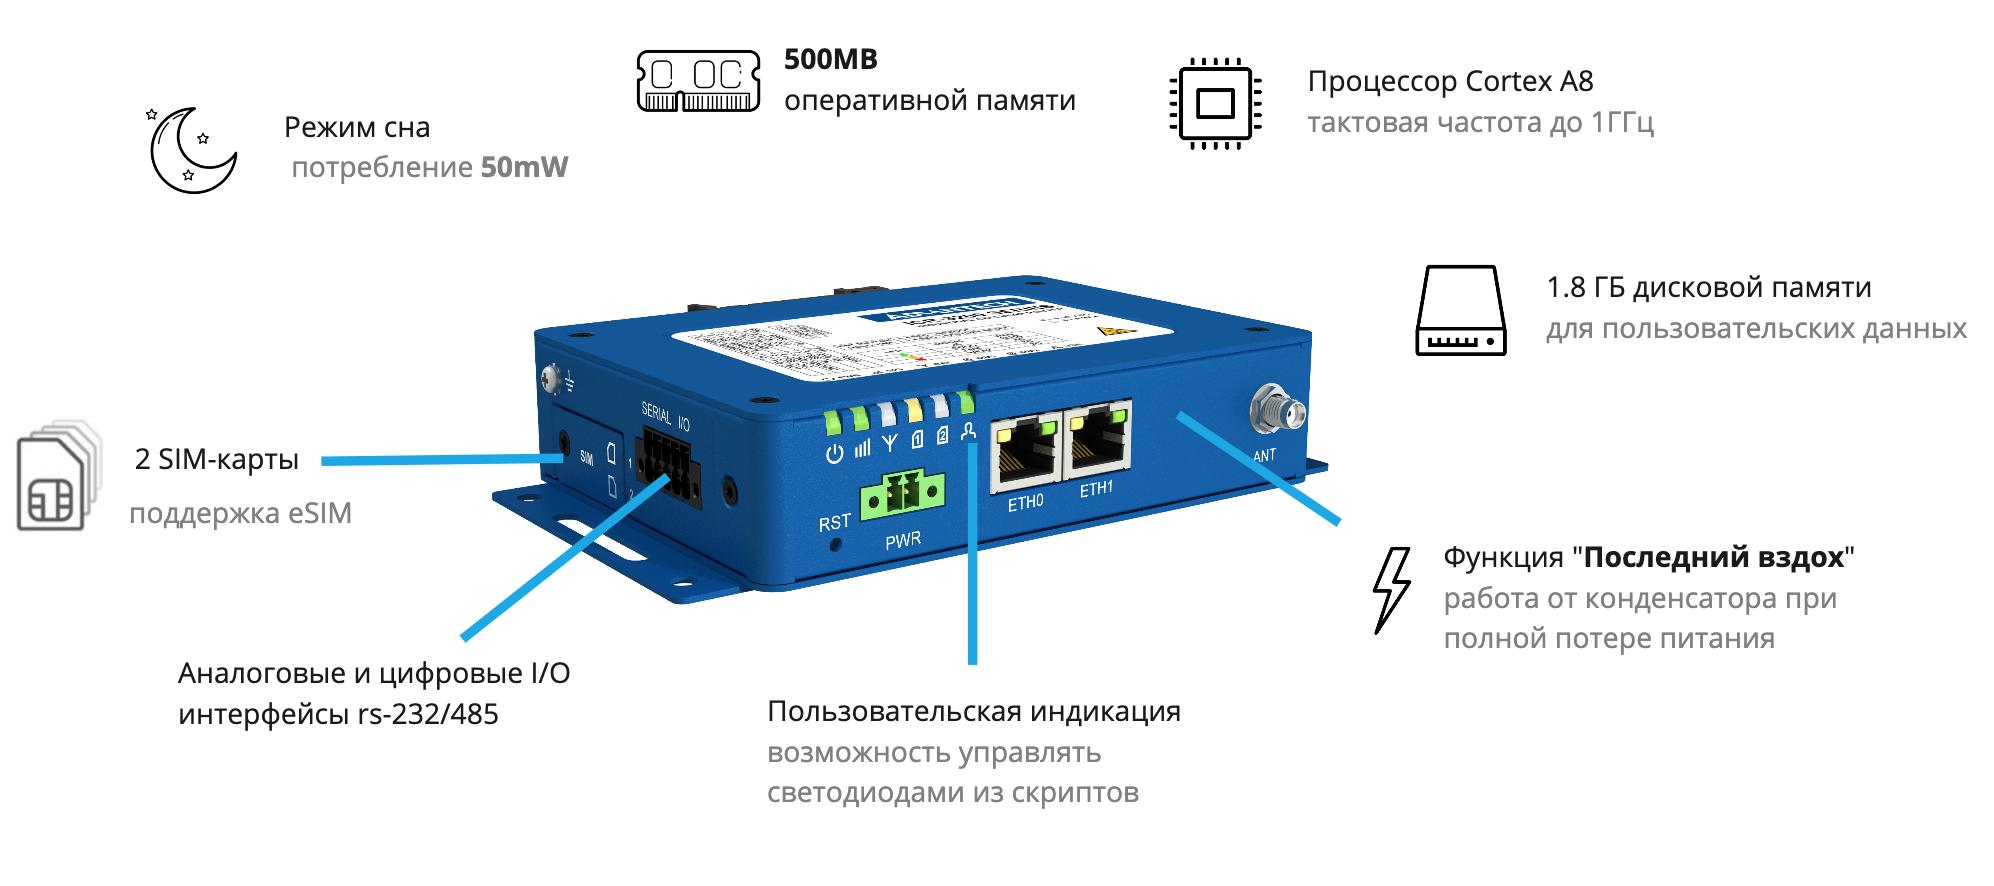 4G-роутер в роли универсального сервера для IoT